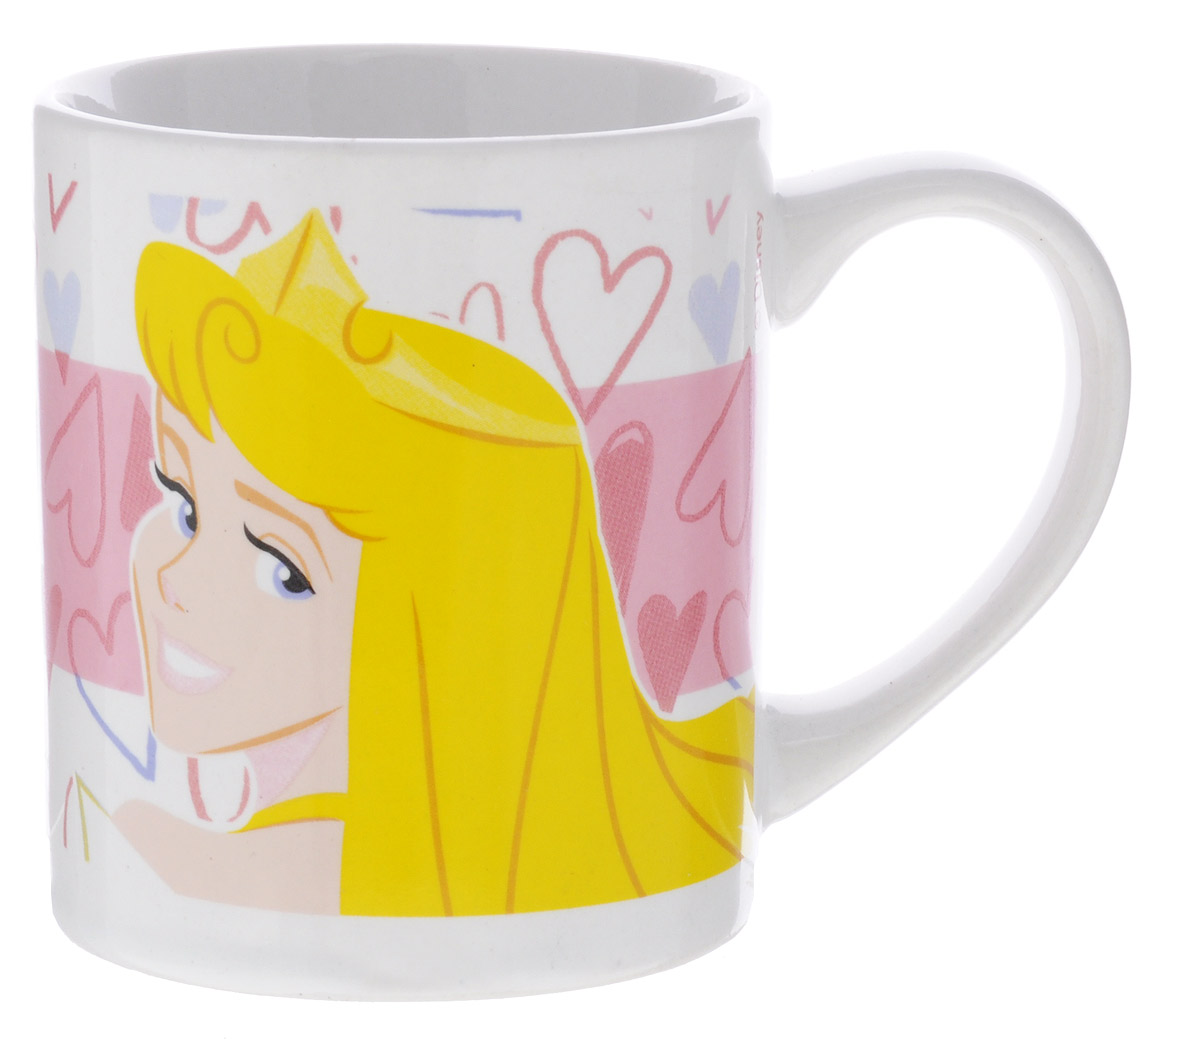 Stor Кружка детская Принцесса Аврора 220 млMFK04001Детская кружка Stor Принцесса Аврора из серии Stor Disney Princess с любимой героиней станет отличным подарком для вашей малышки. Она выполнена из керамики и оформлена изображением диснеевской принцессы Авроры. Кружка дополнена удобной ручкой. Такой подарок станет не только приятным, но и практичным сувениром: кружка будет незаменимым атрибутом чаепития, а оригинальное оформление кружки добавит ярких эмоций и хорошего настроения.Можно использовать в СВЧ-печи и посудомоечной машине.